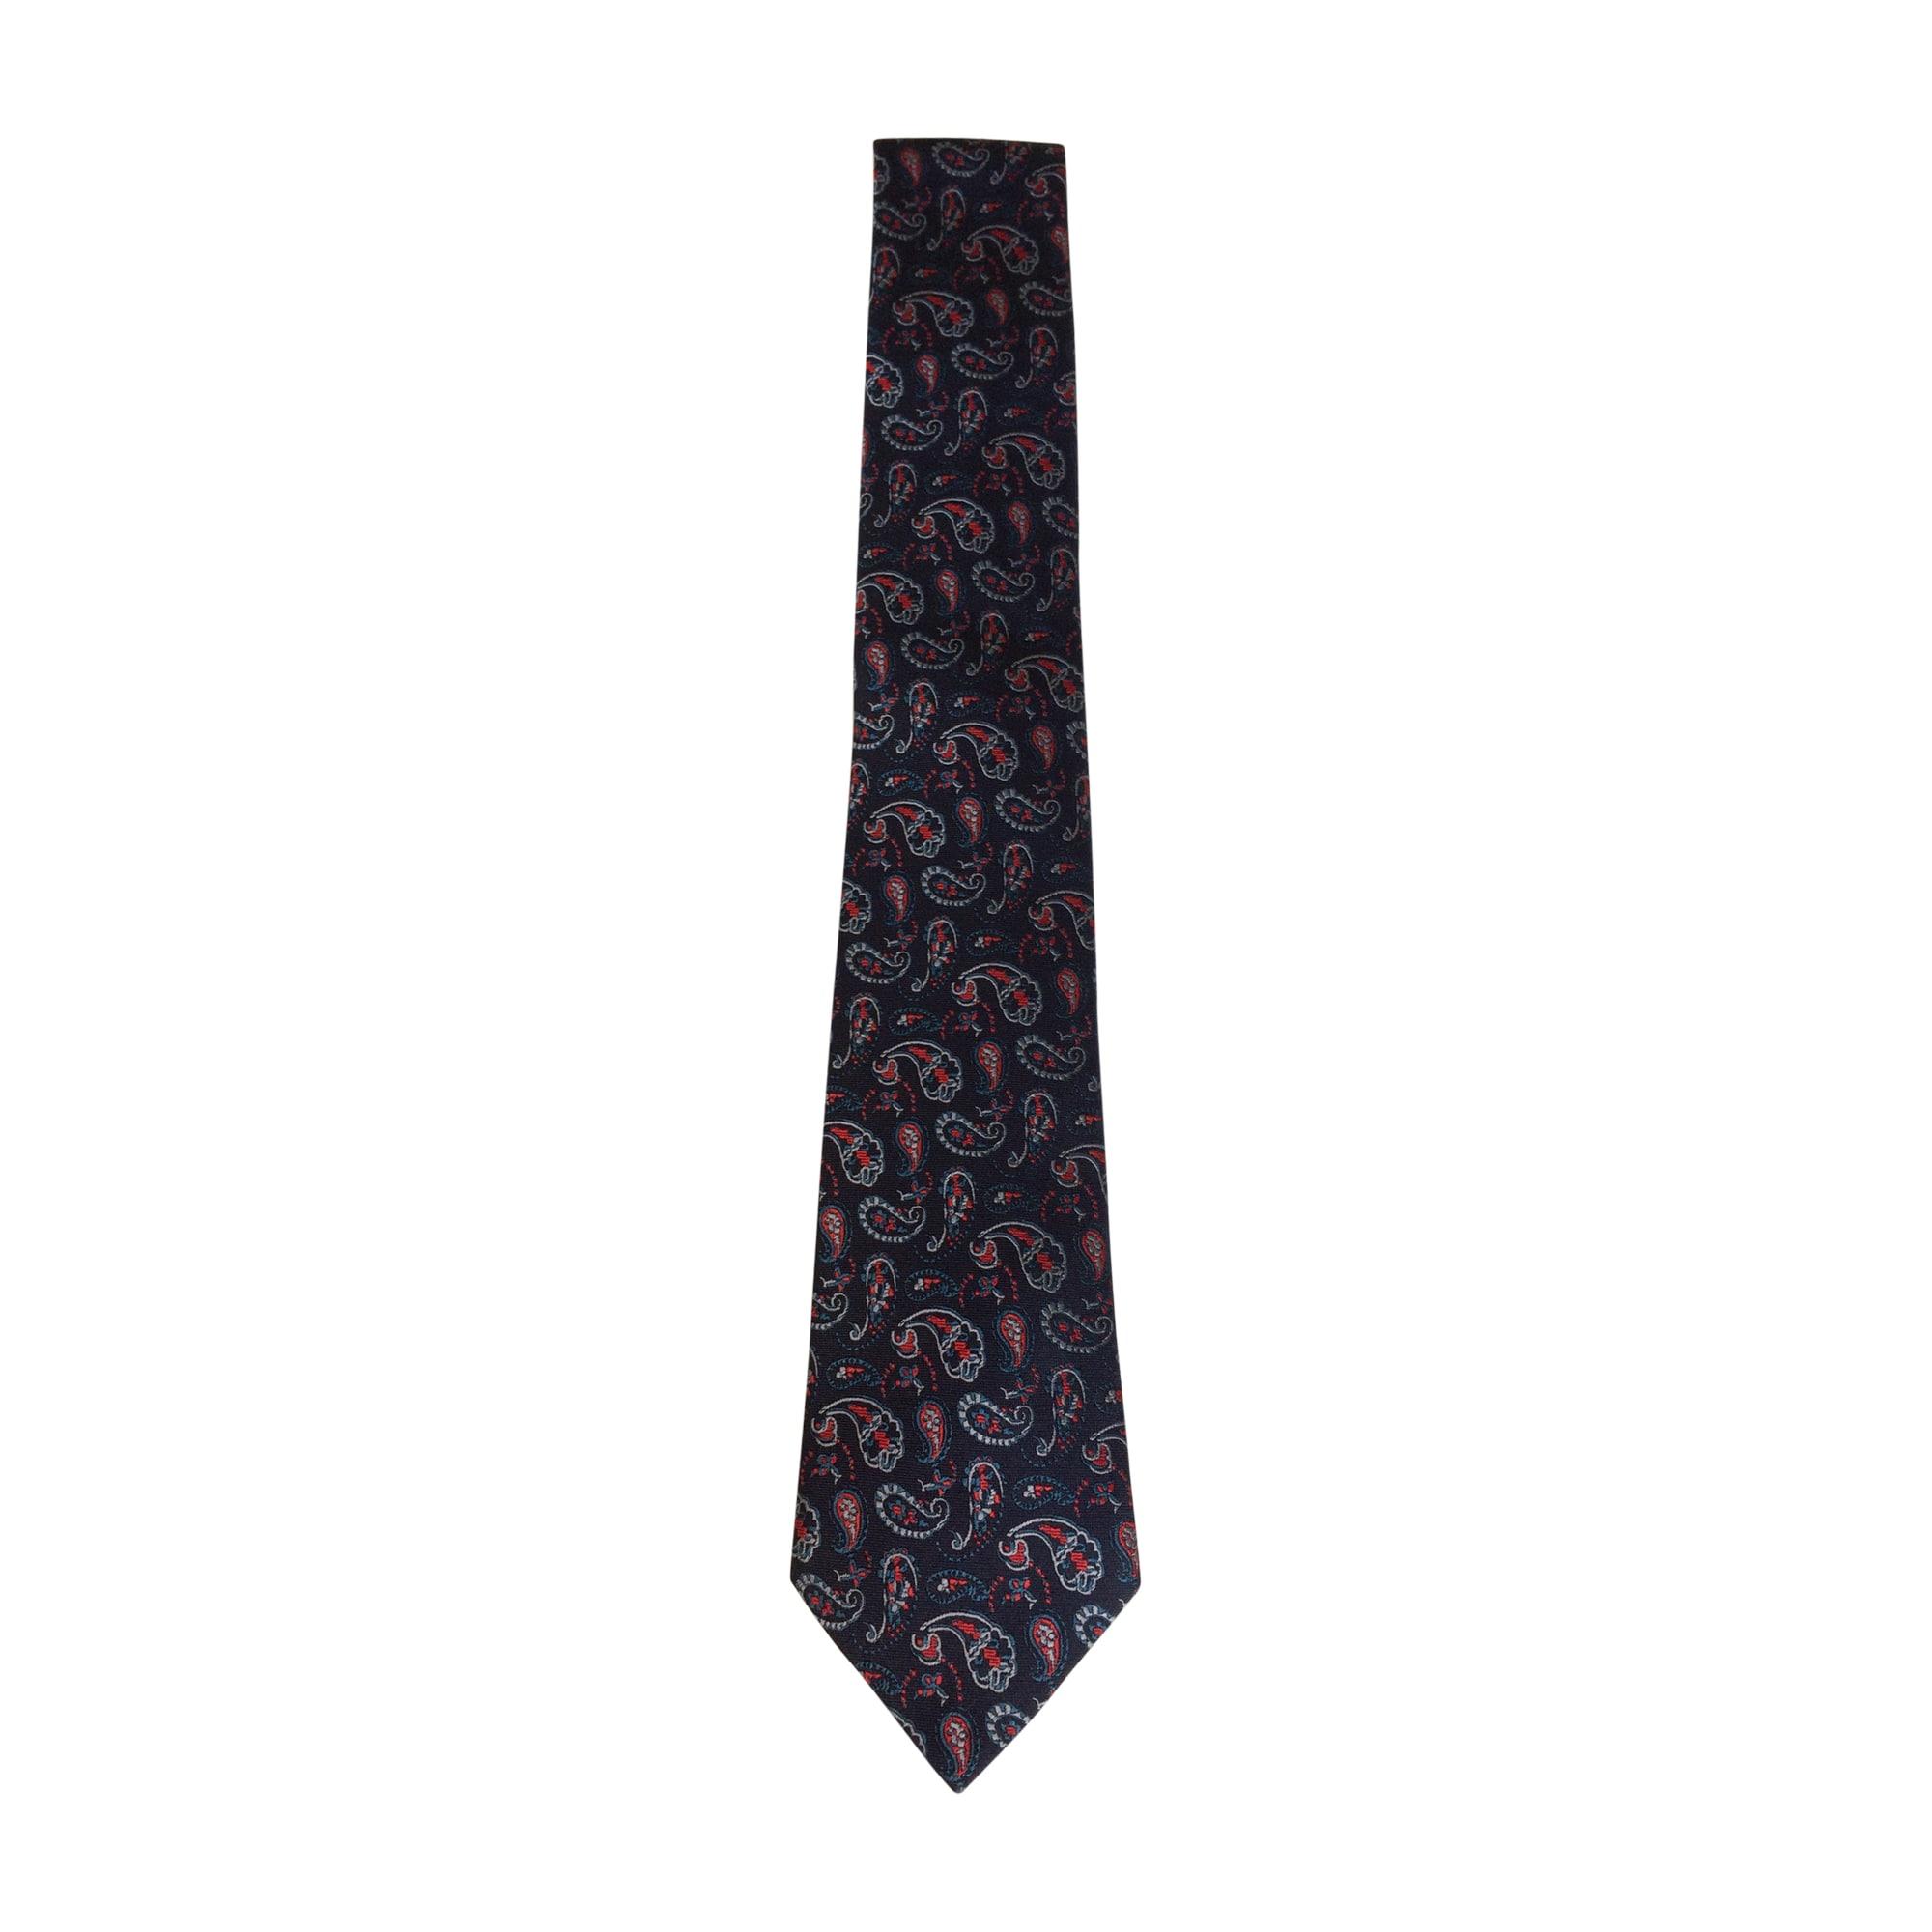 7bf5b683d4ce6 Krawatte LOUIS VUITTON mehrfarbig - 6772515